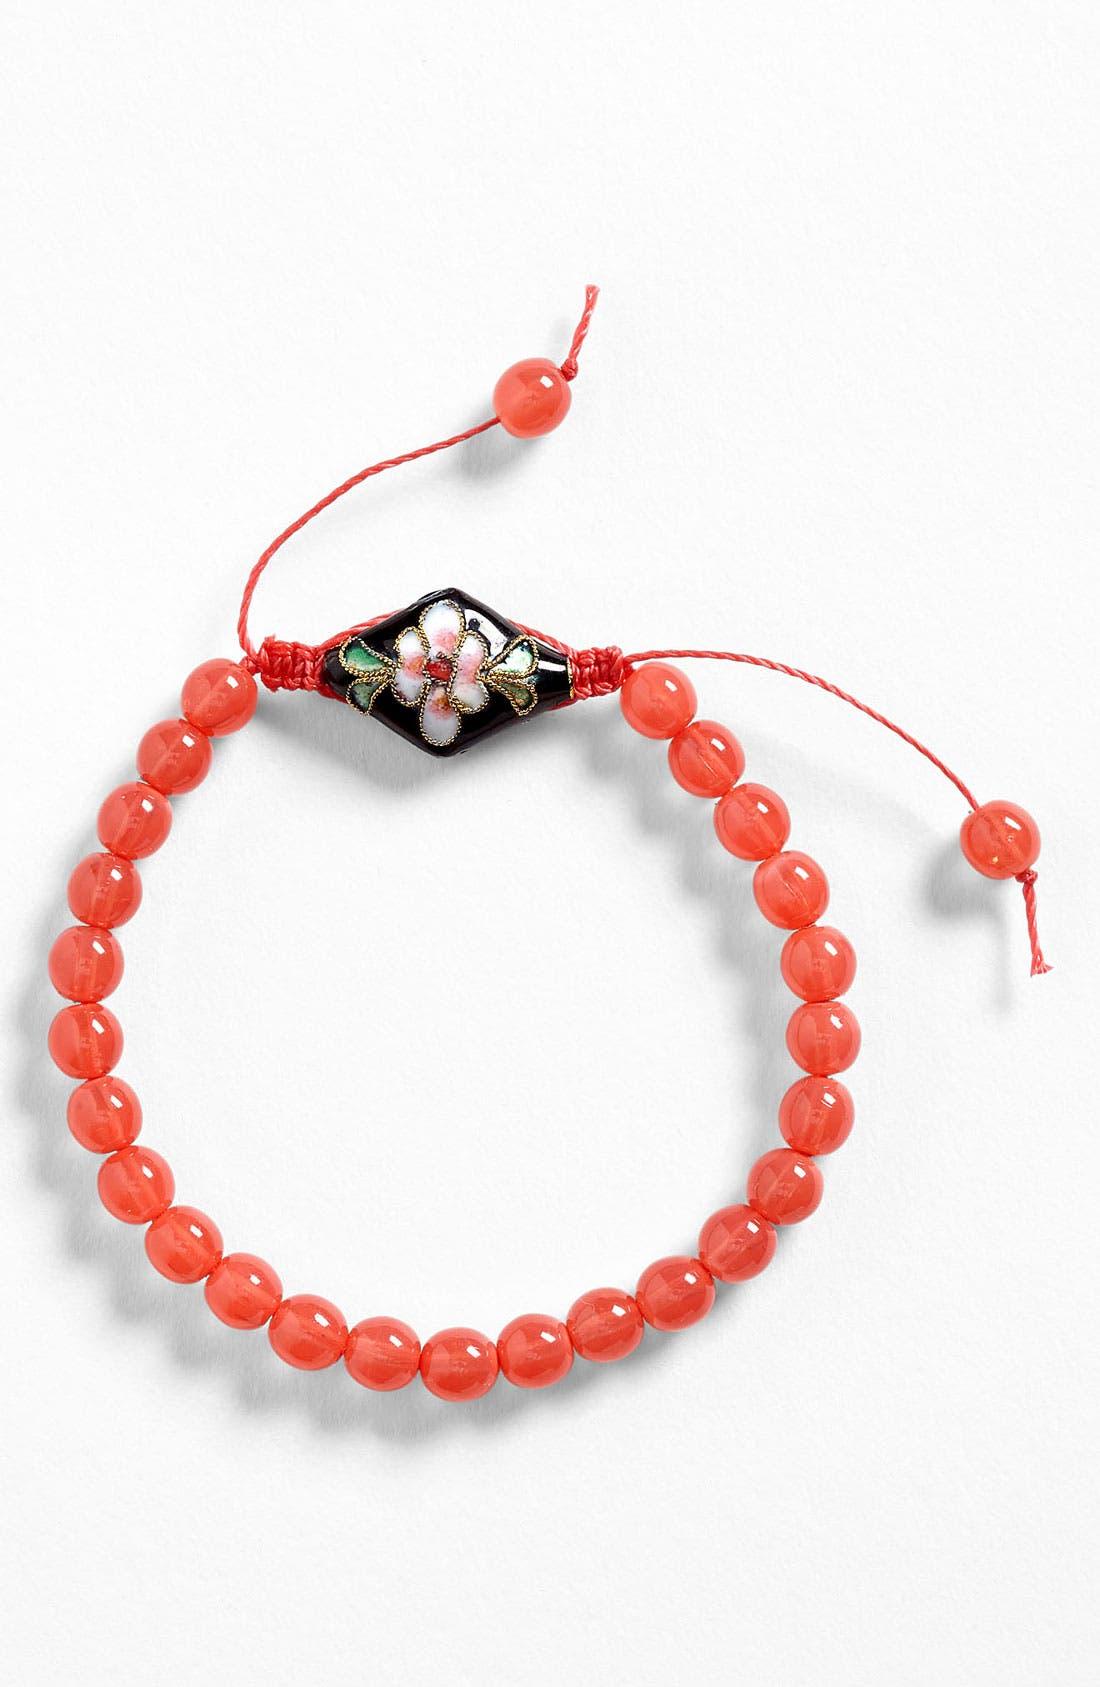 Main Image - Bonnie Jonas 'Wisdom' Cloisonné Friendship Bracelet